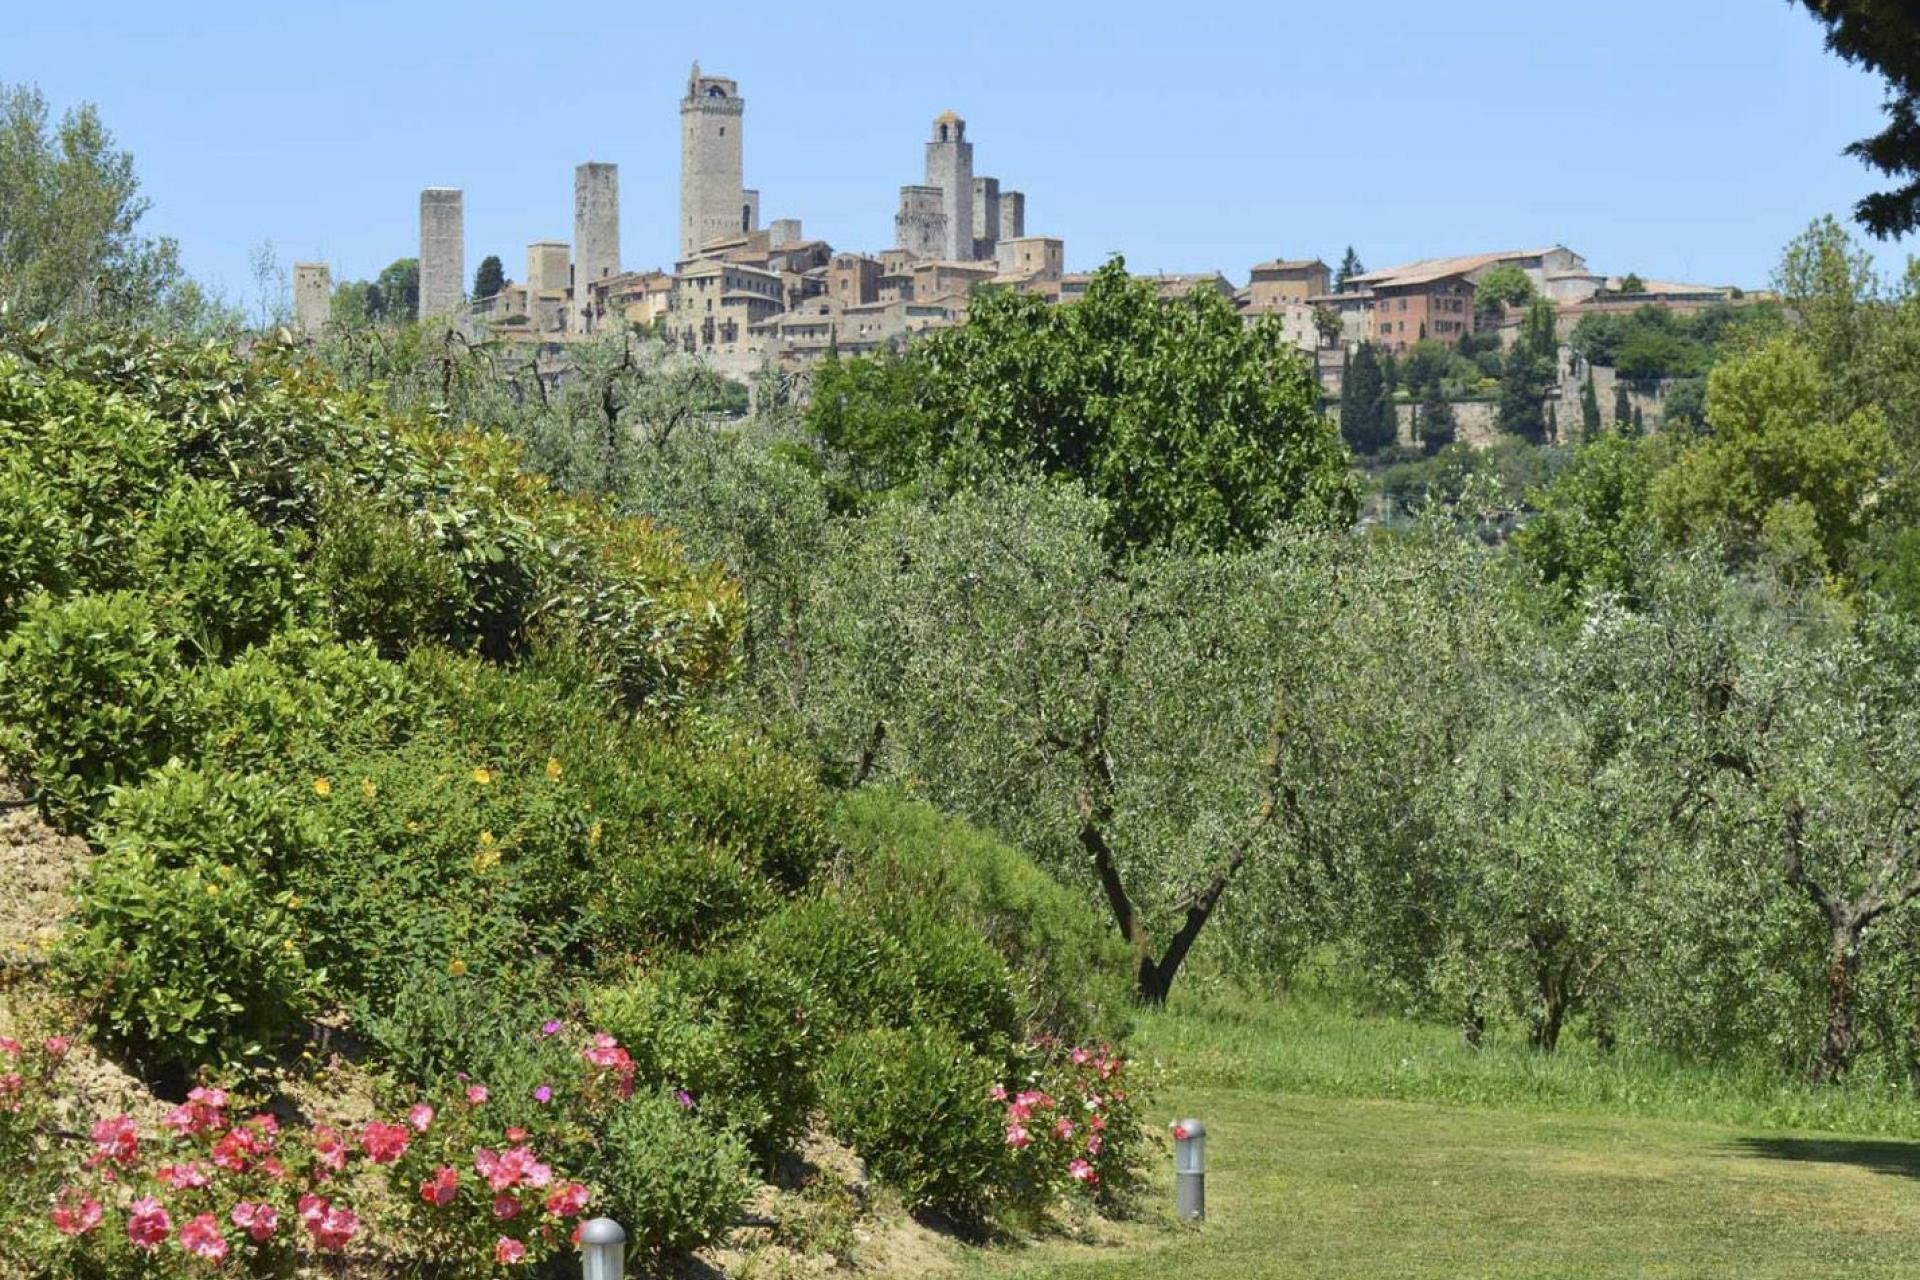 Agriturismo Toscane Kleine agriturismo met uitzicht op San Gimignano | MyItaly.nl